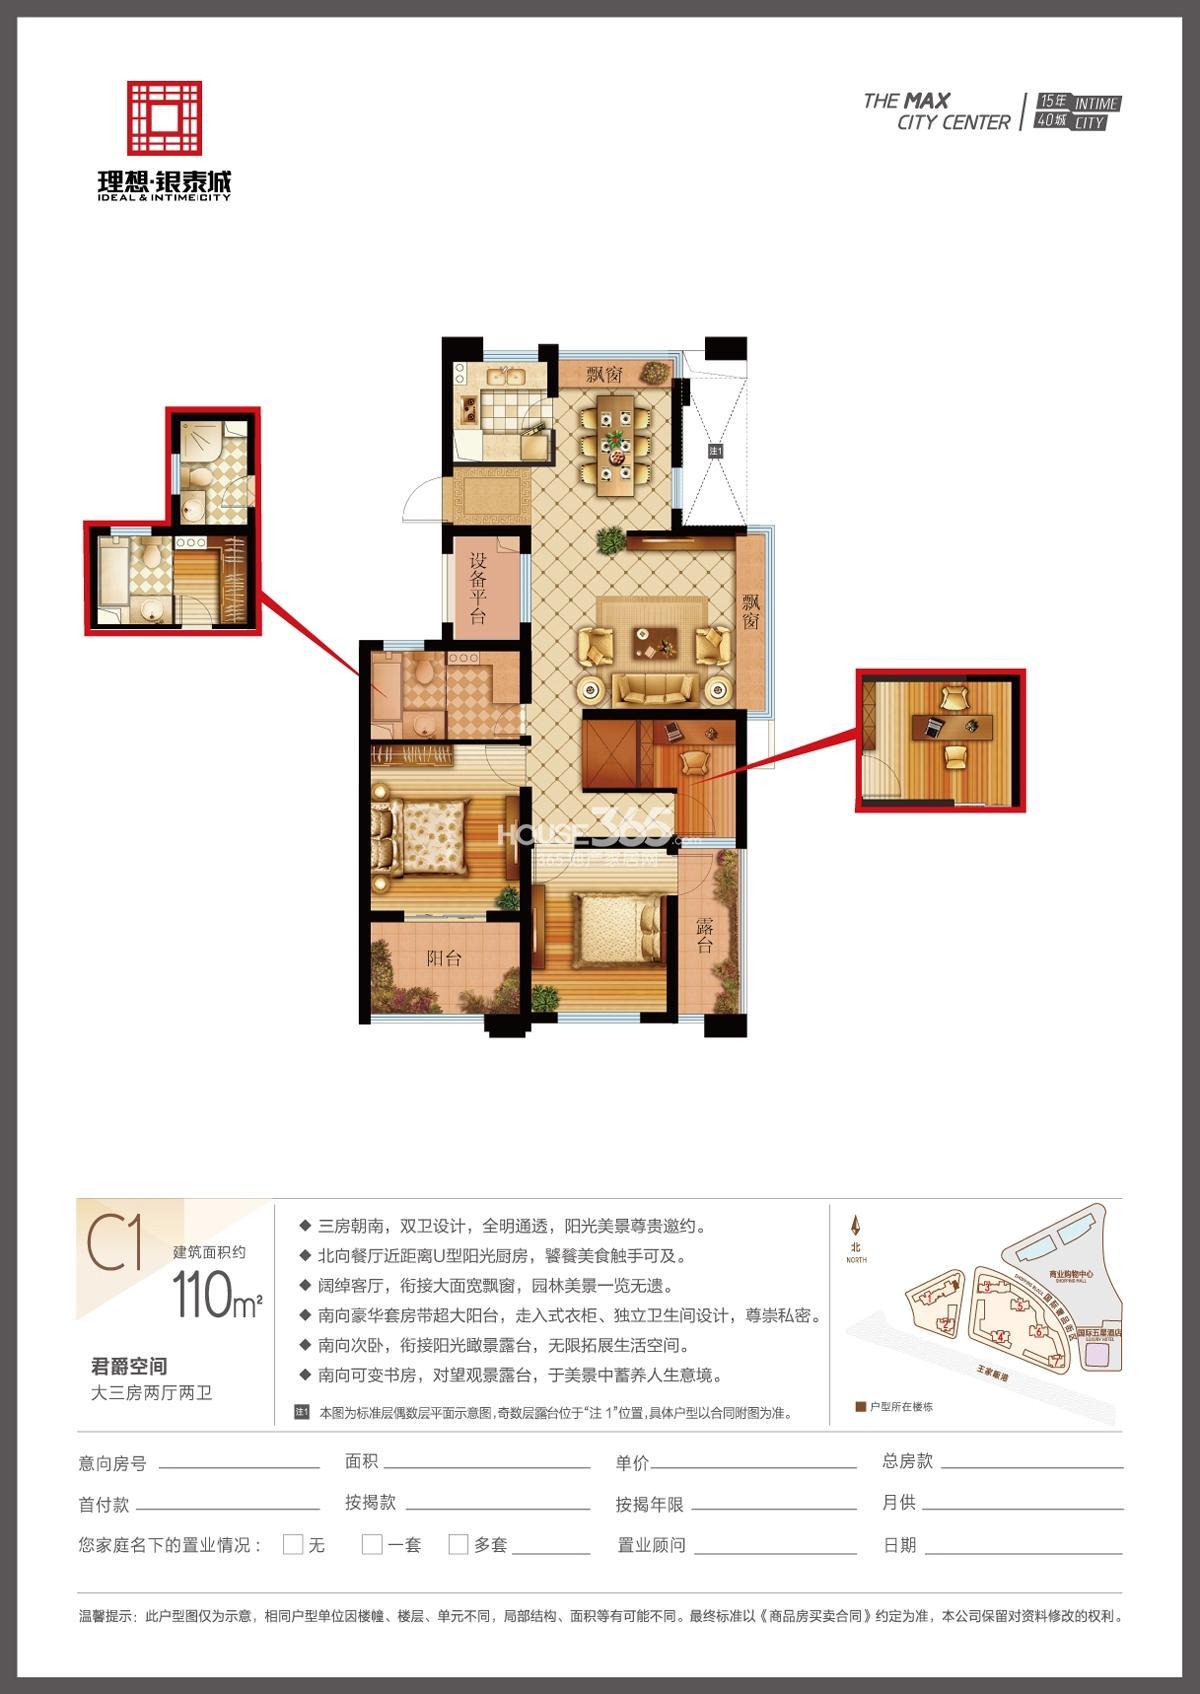 理想银泰城1号楼C1户型110方大三房两厅两卫户型图